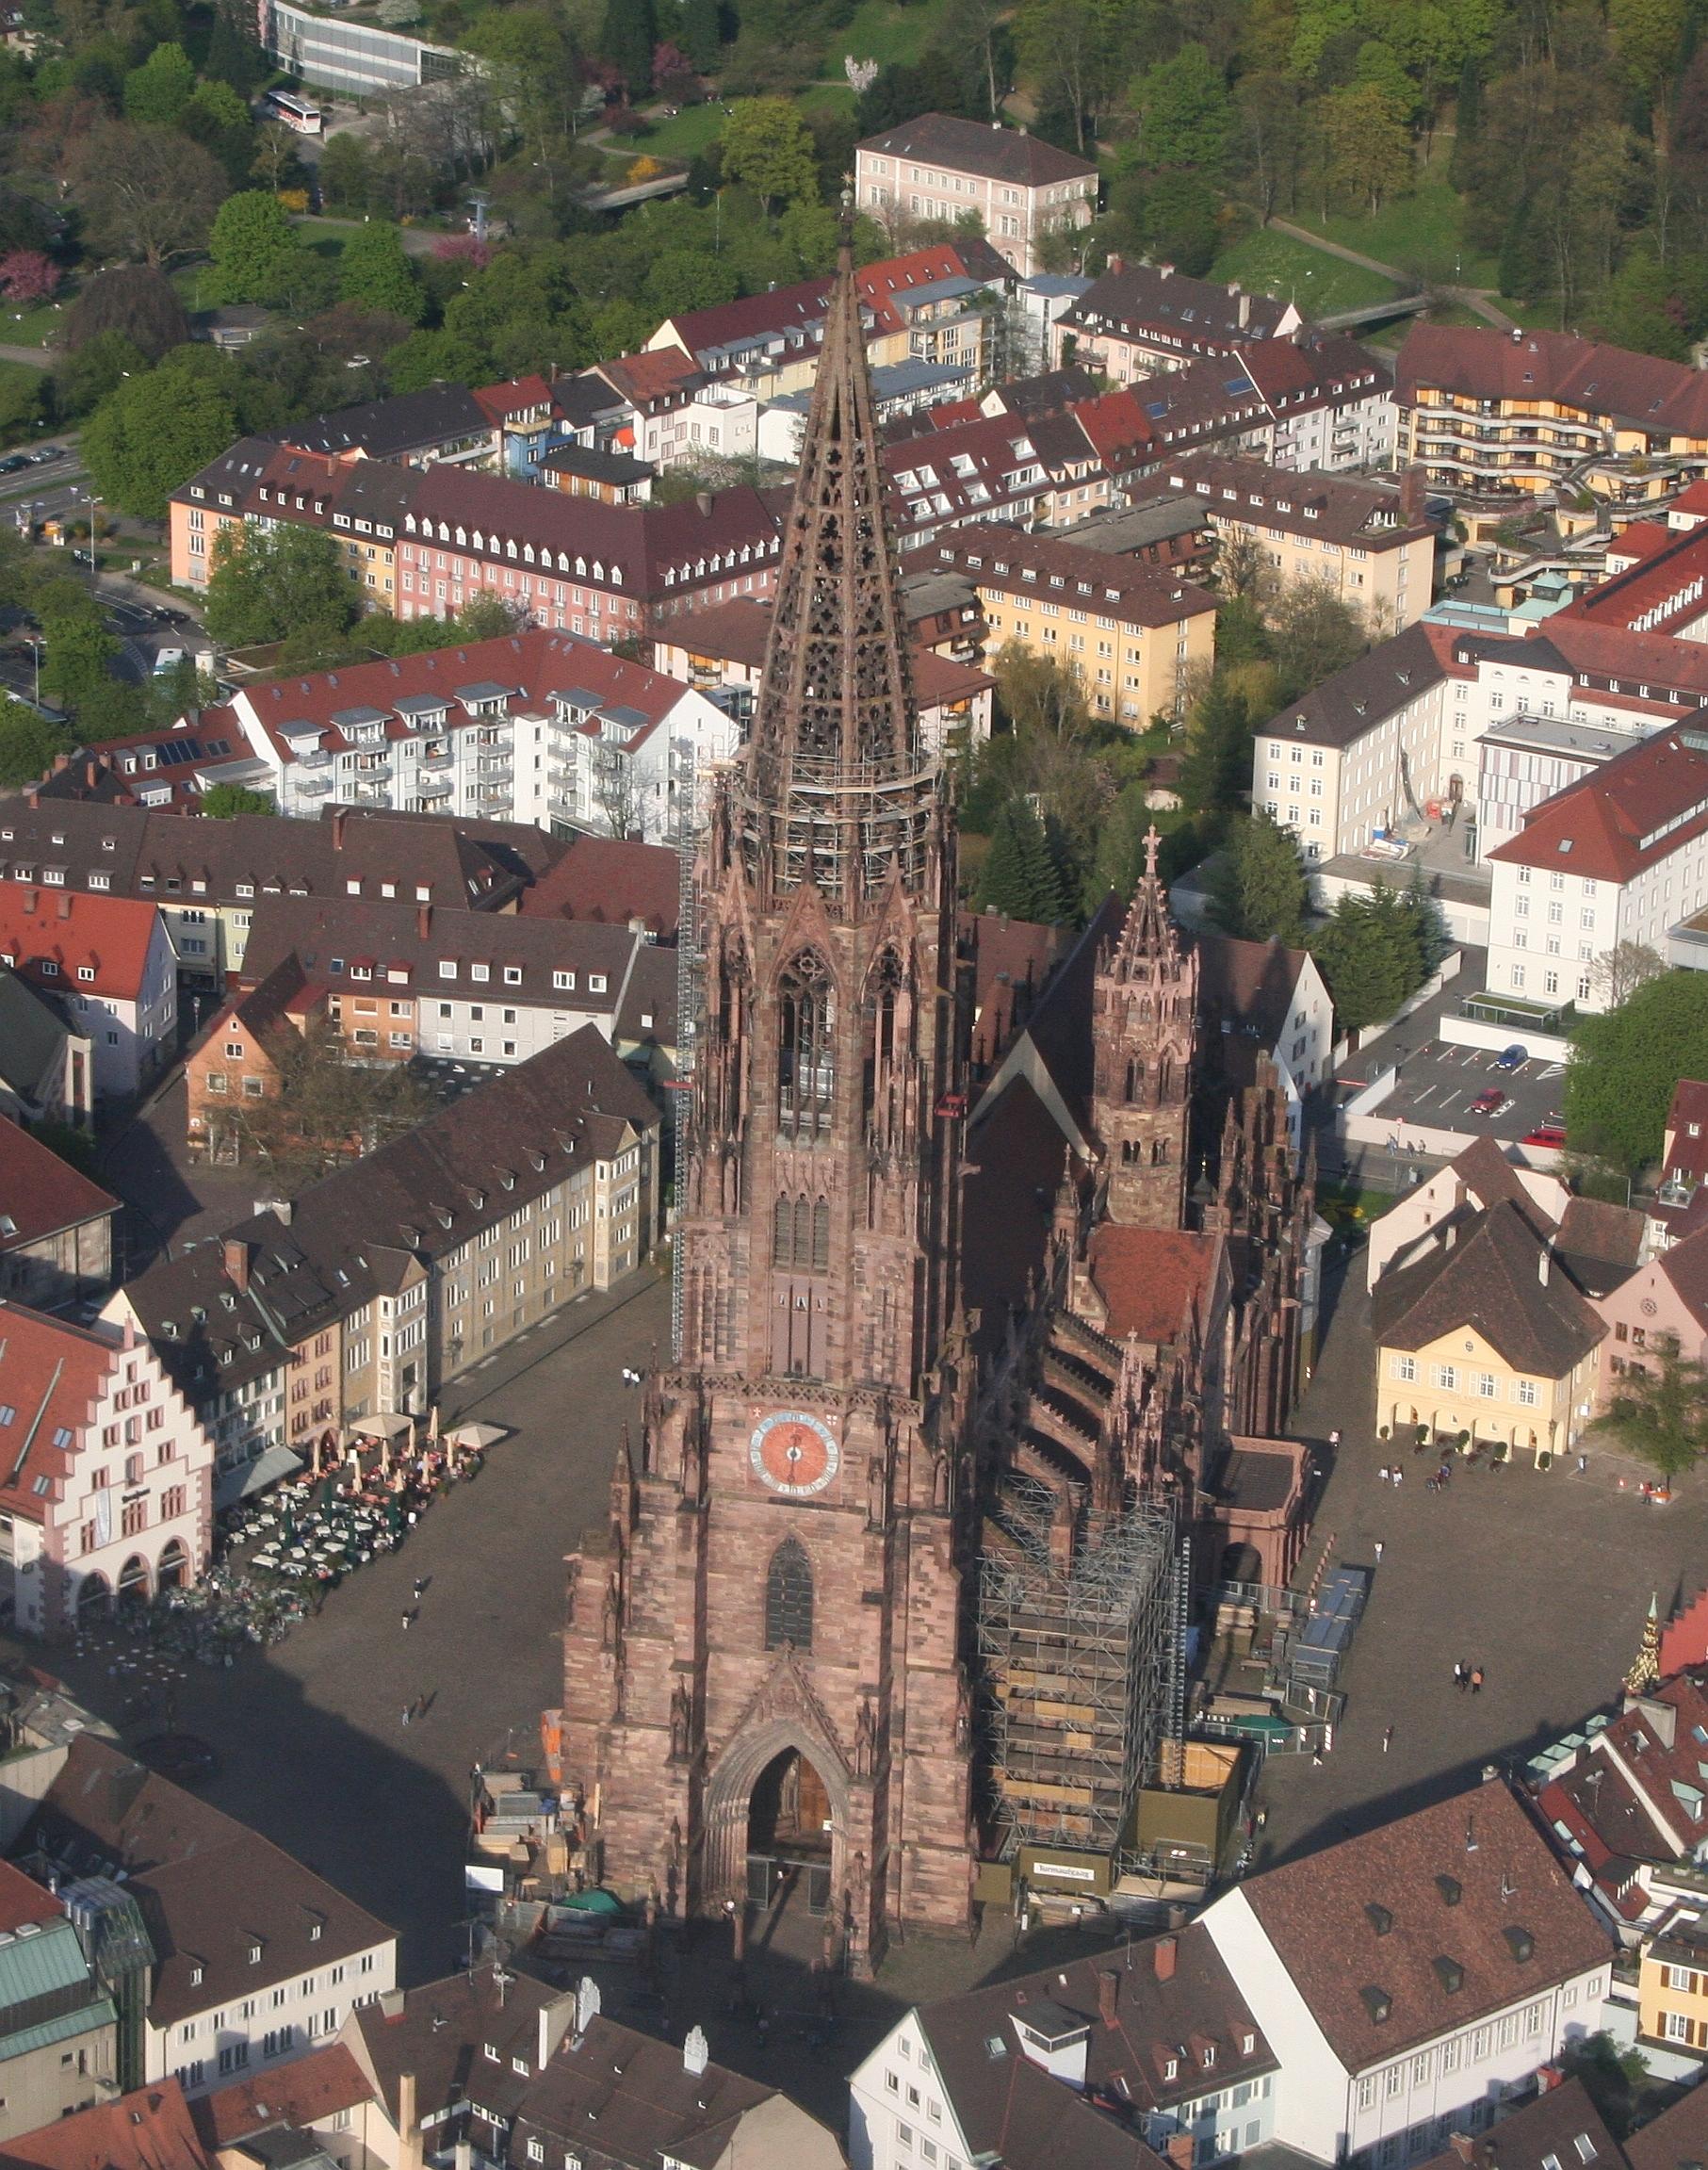 2a046dd79 Arquidiocese de Friburgo – Wikipédia, a enciclopédia livre